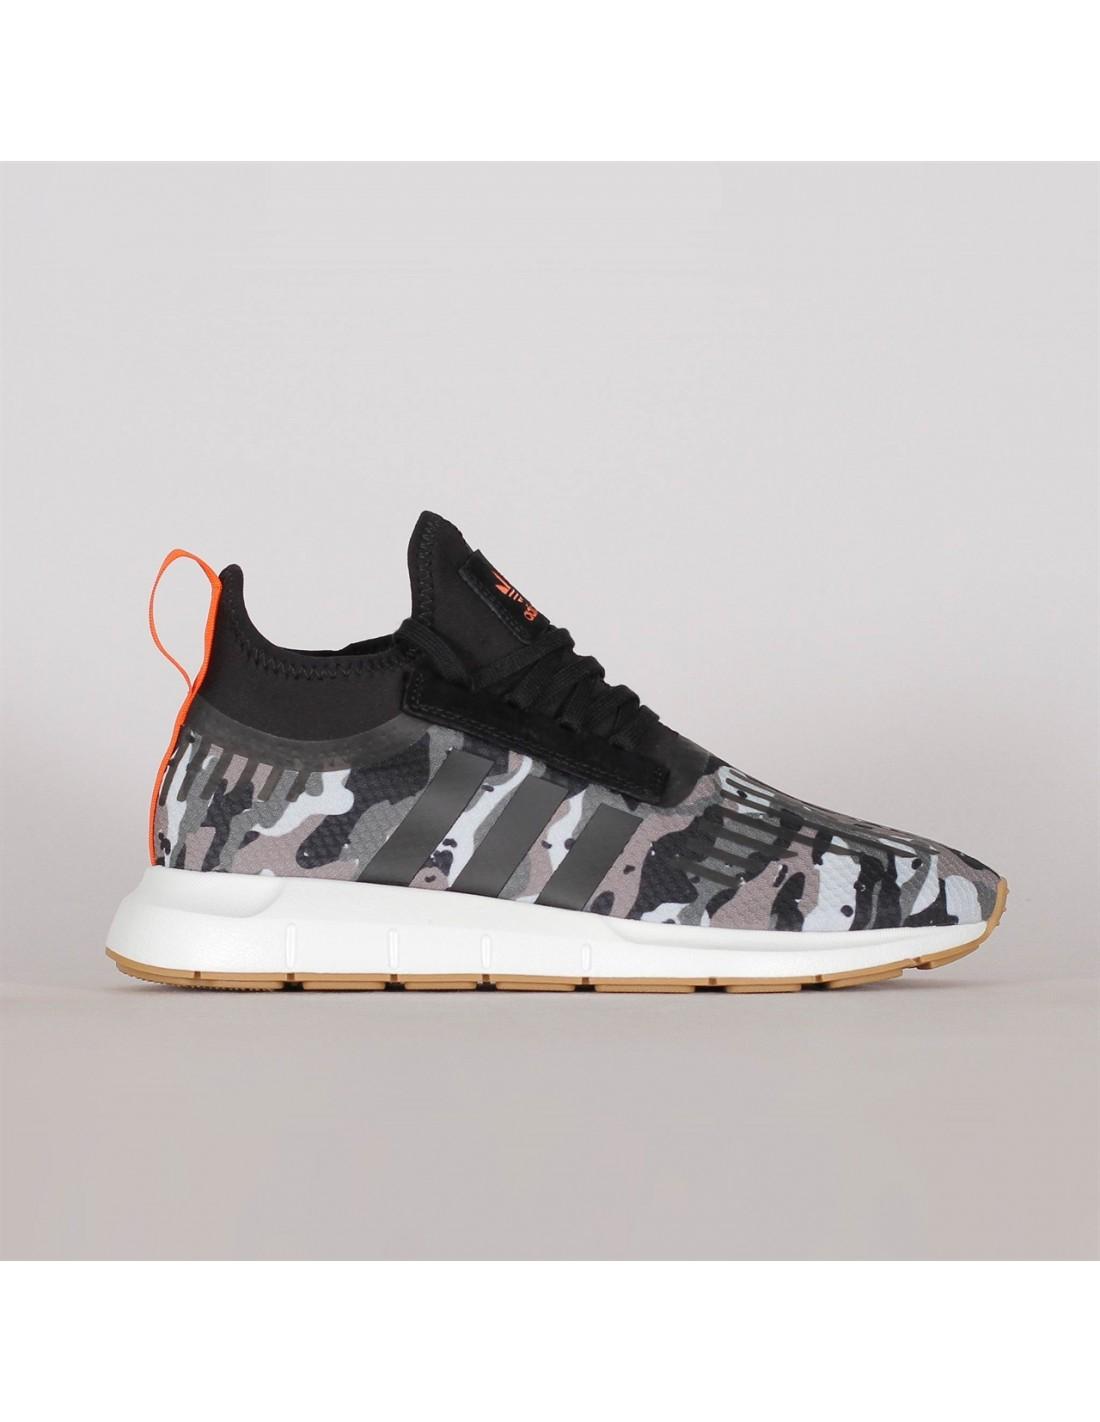 836483b8a2a9a Adidas Originals Swift Run Barrier Black Cam B42234